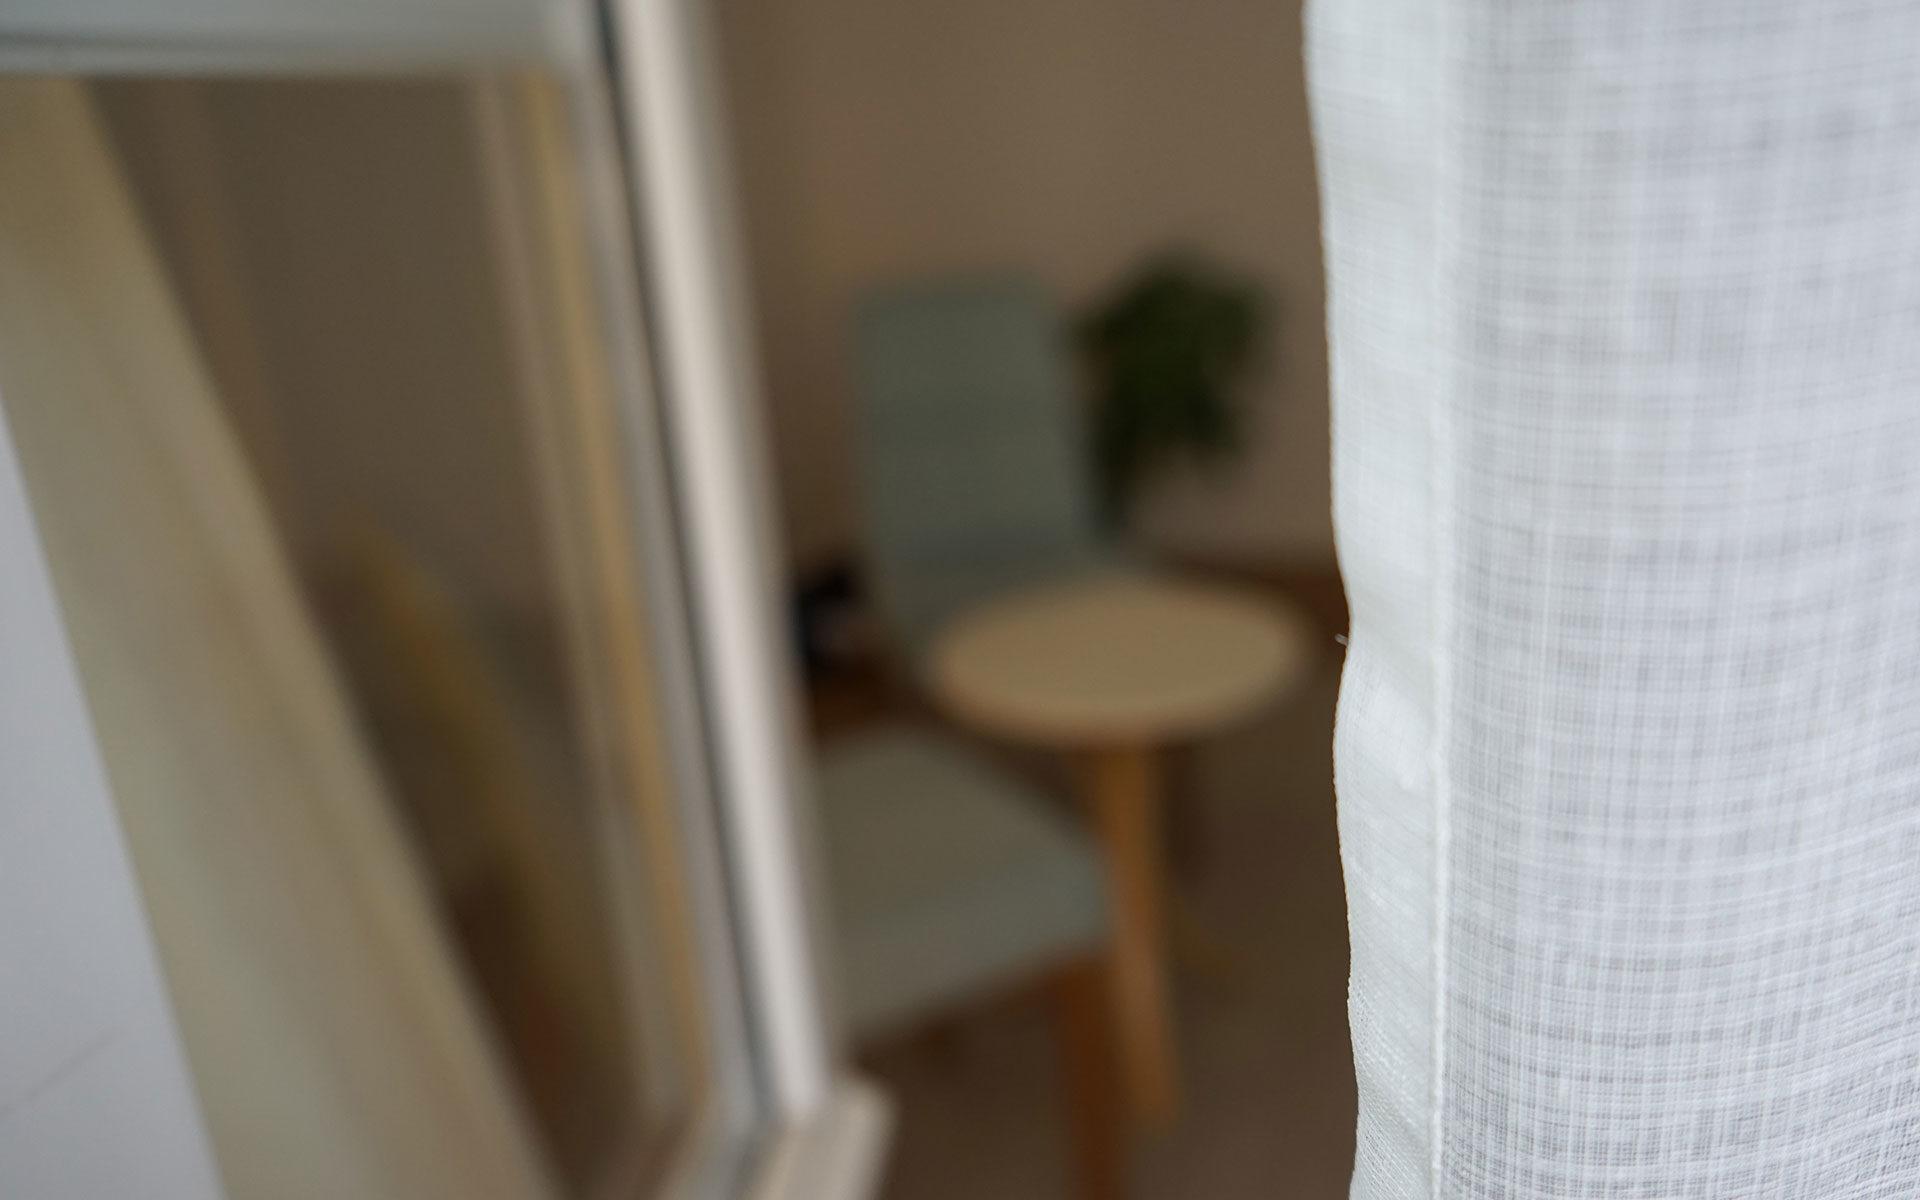 Katharina Sommer Osteopathie Fenster mit Vorhang Blick in Behandlungsraum